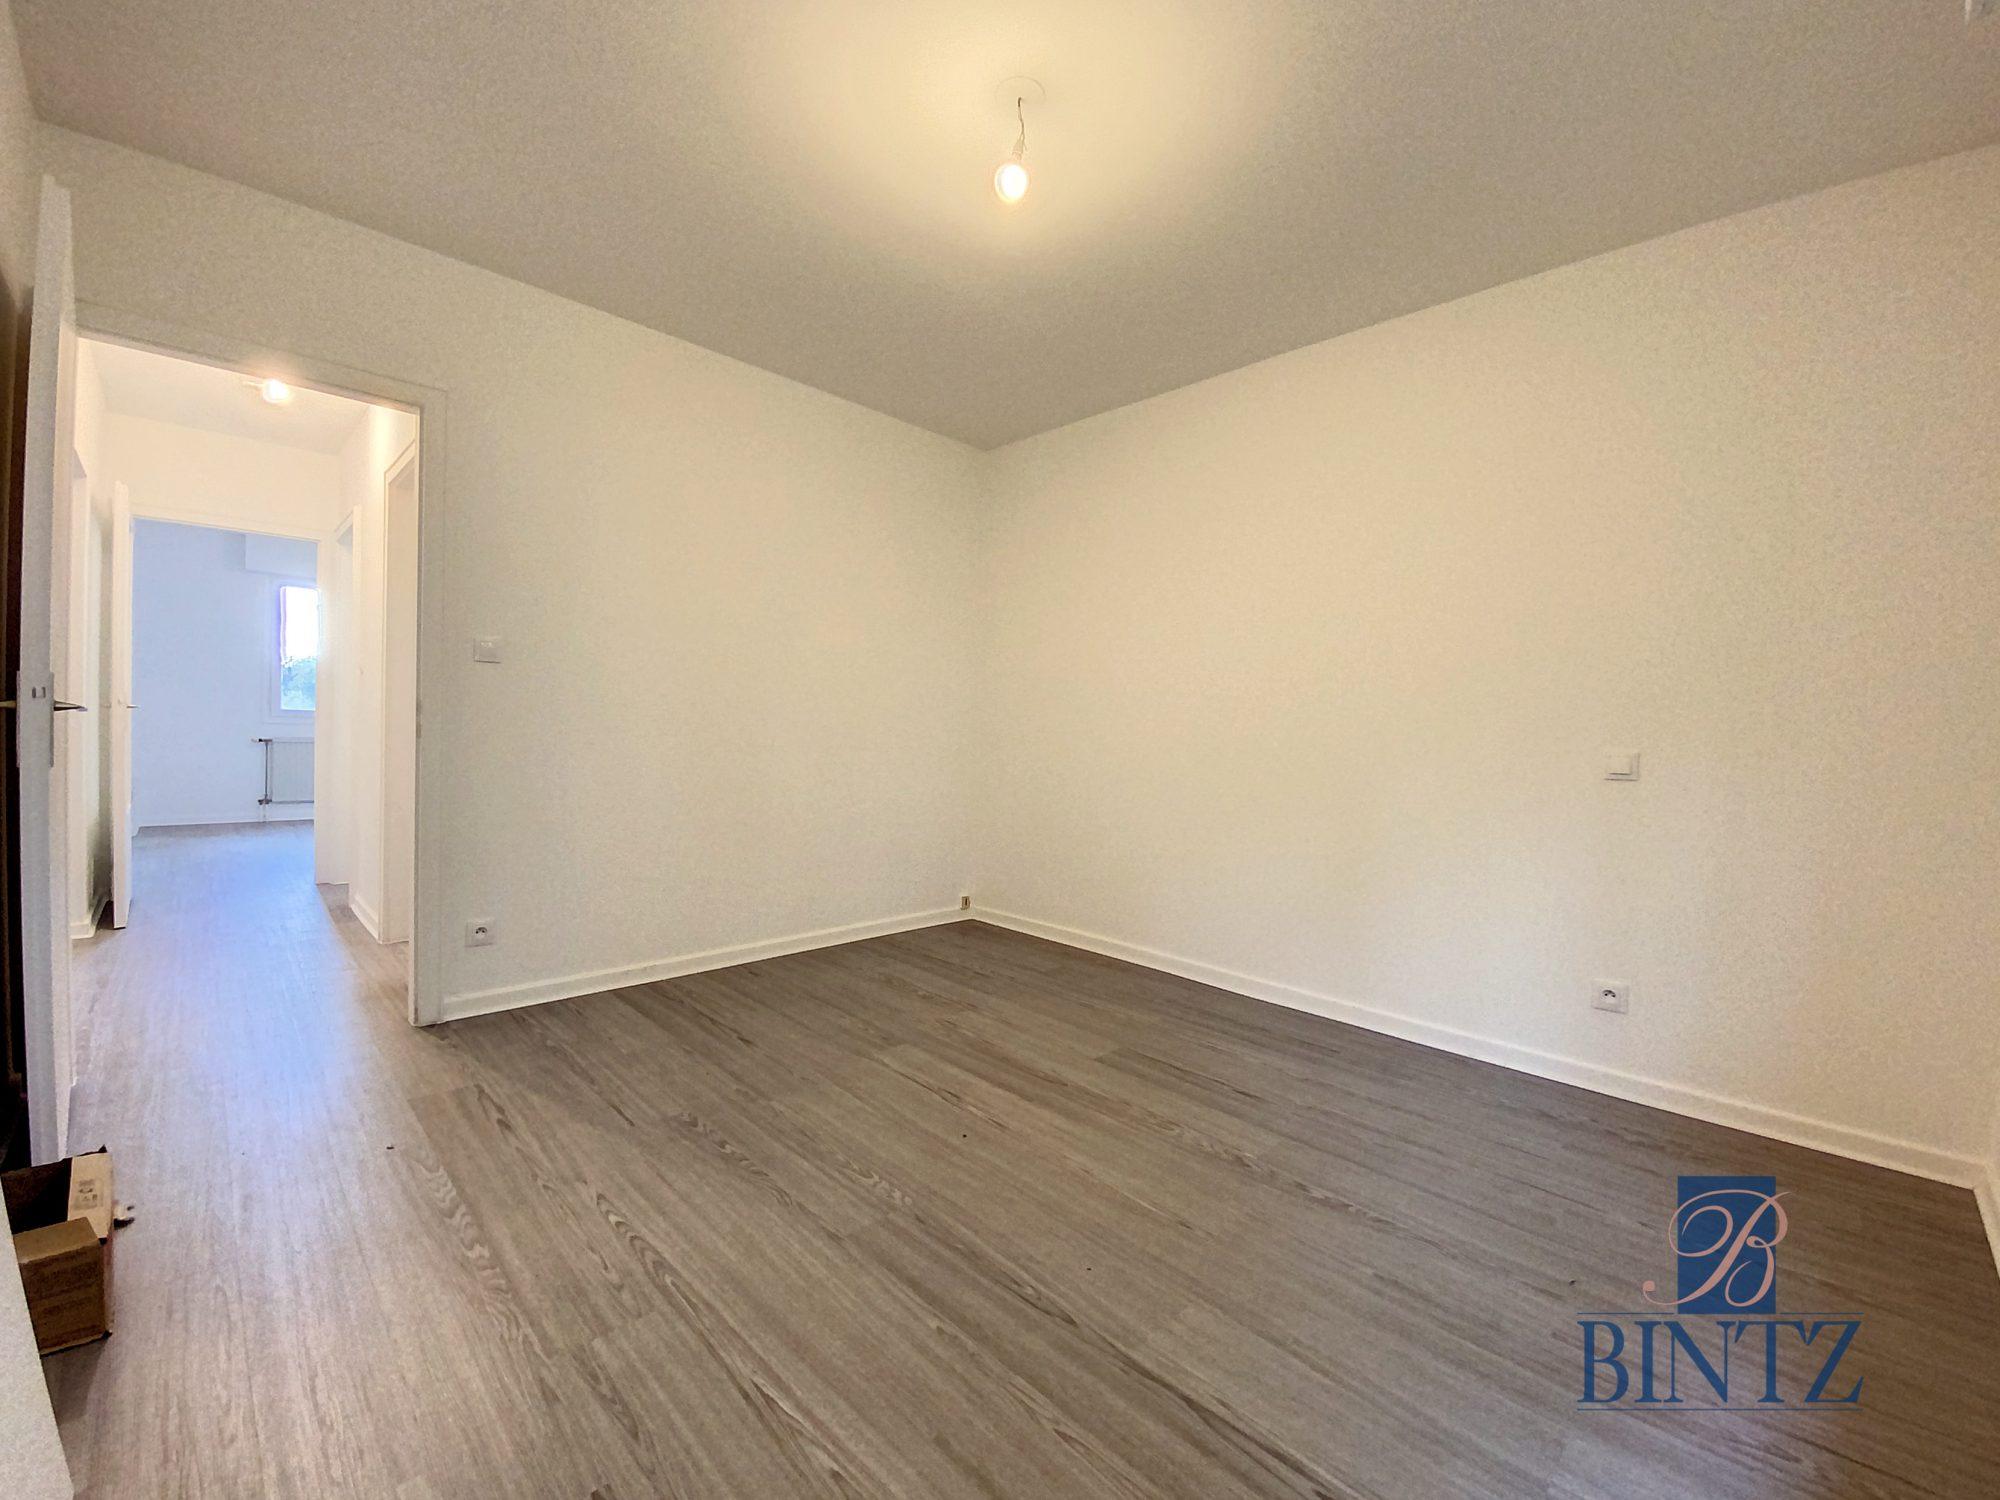 2PÈCES ILLKIRCH - Devenez locataire en toute sérénité - Bintz Immobilier - 10